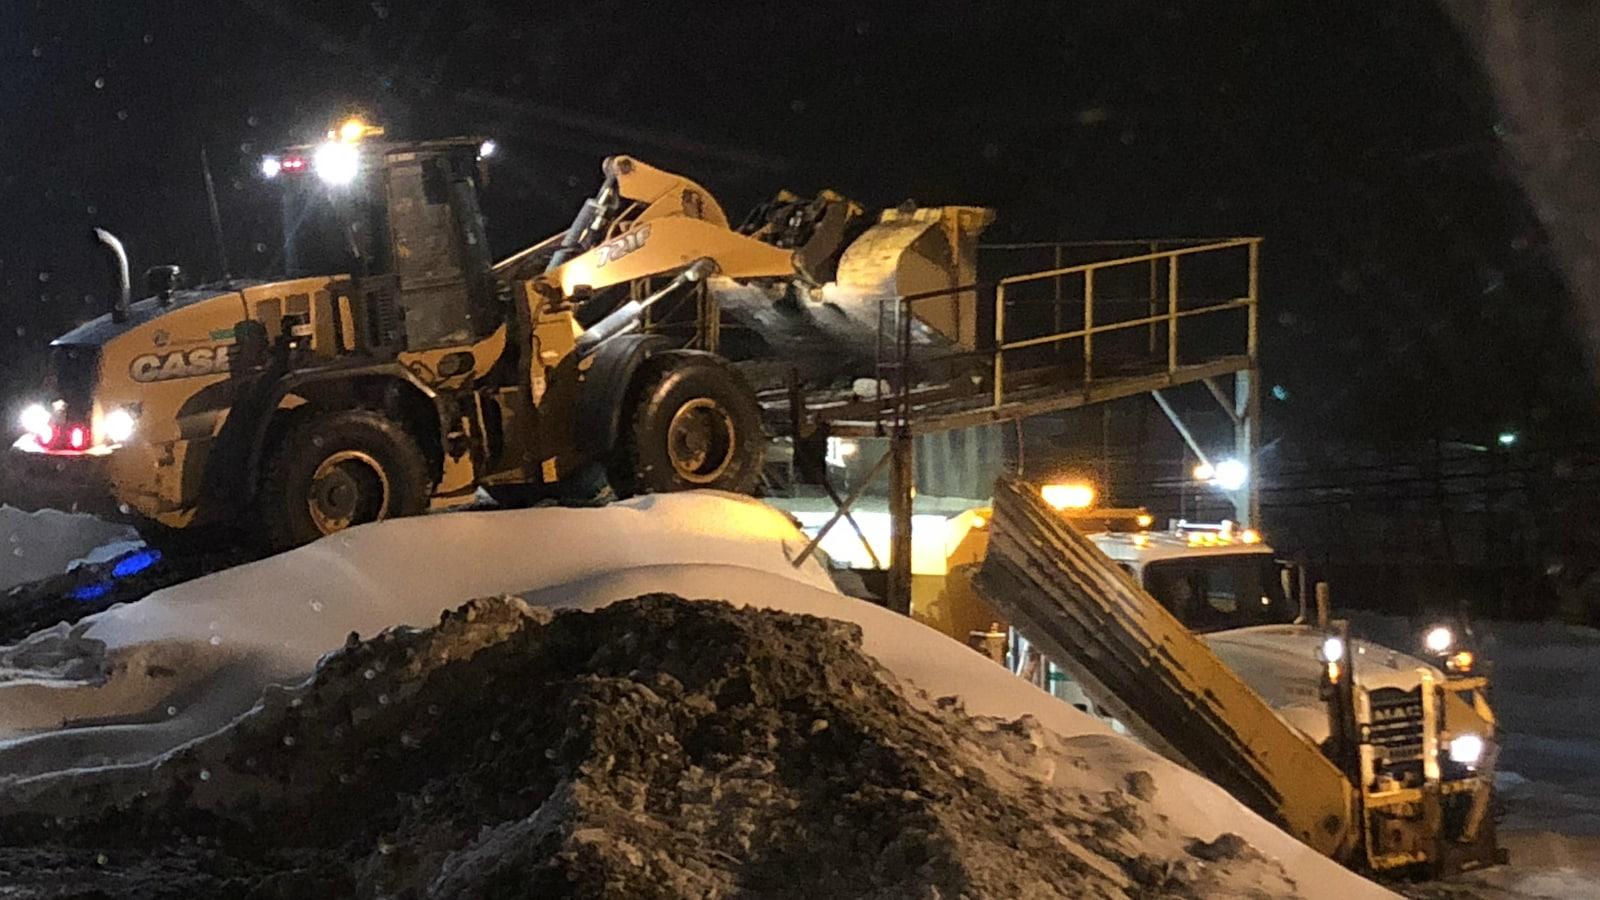 Deux camions de déneigement travaillent de nuit.